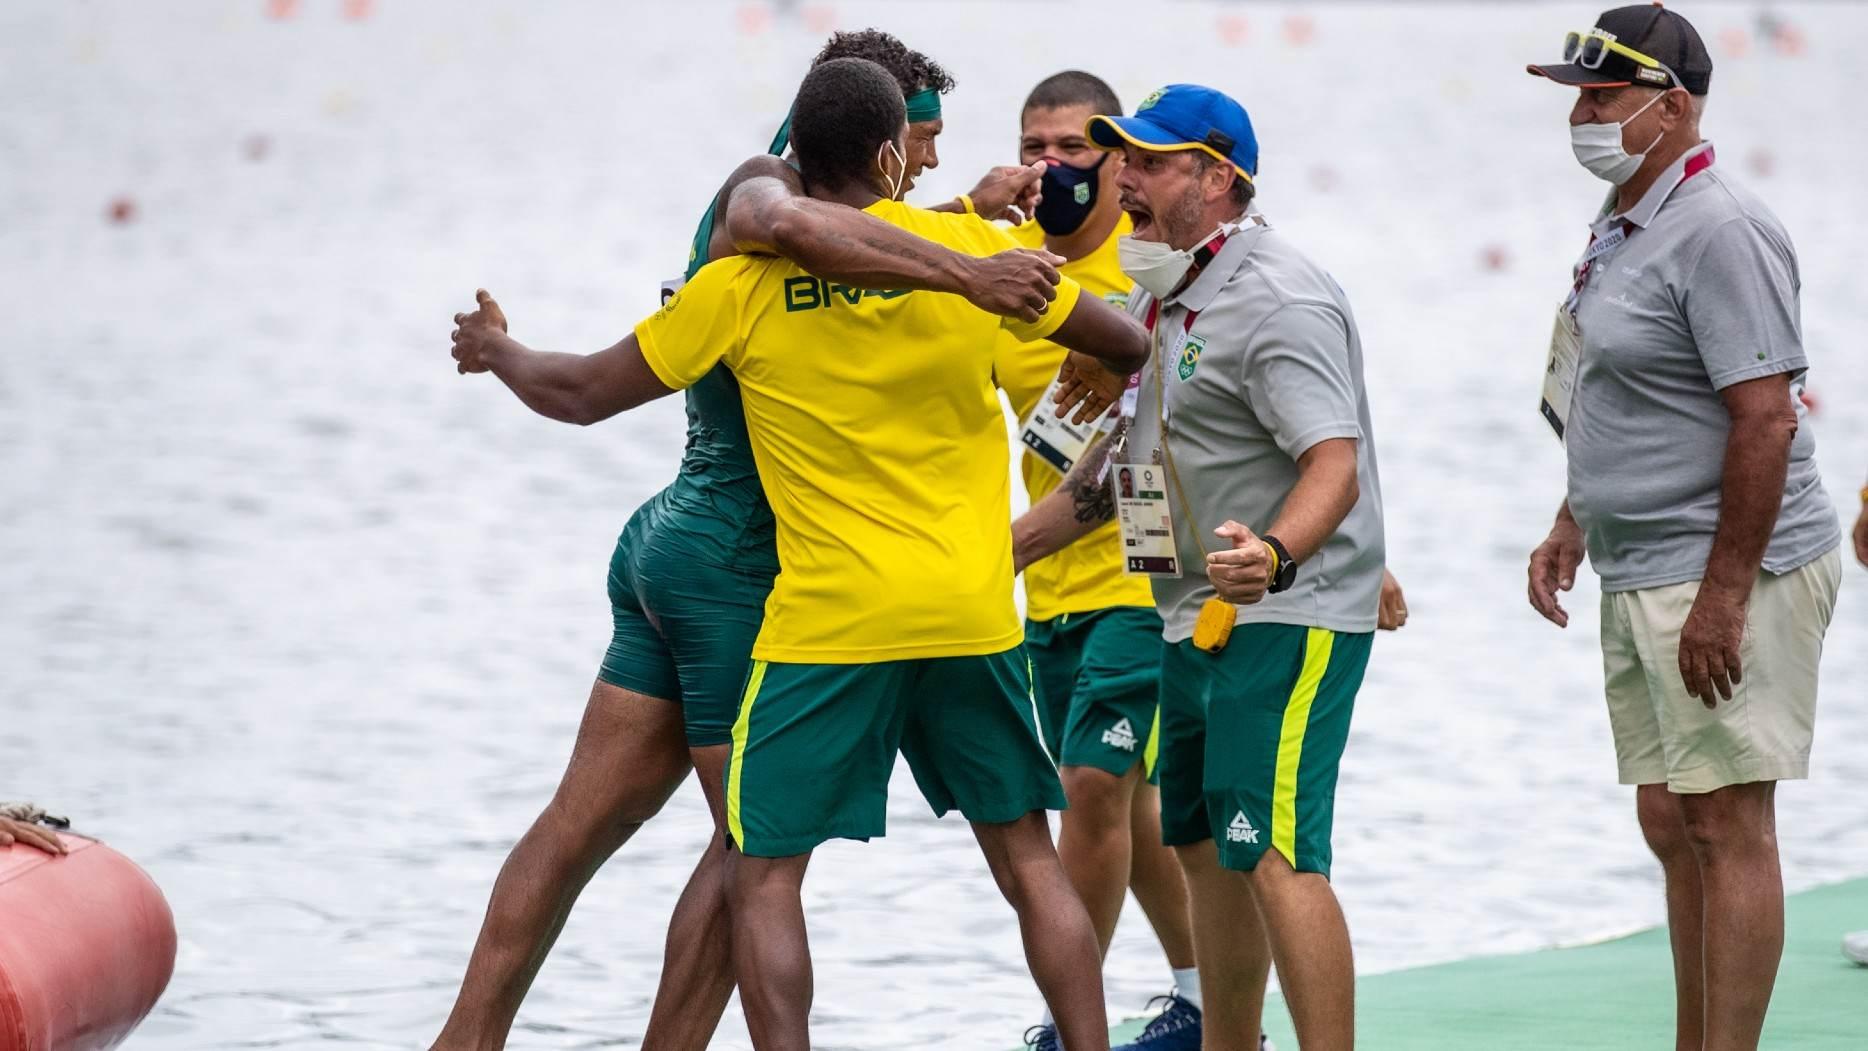 Isaquias Queiroz comemora o ouro olímpico com a equipe da canoagem